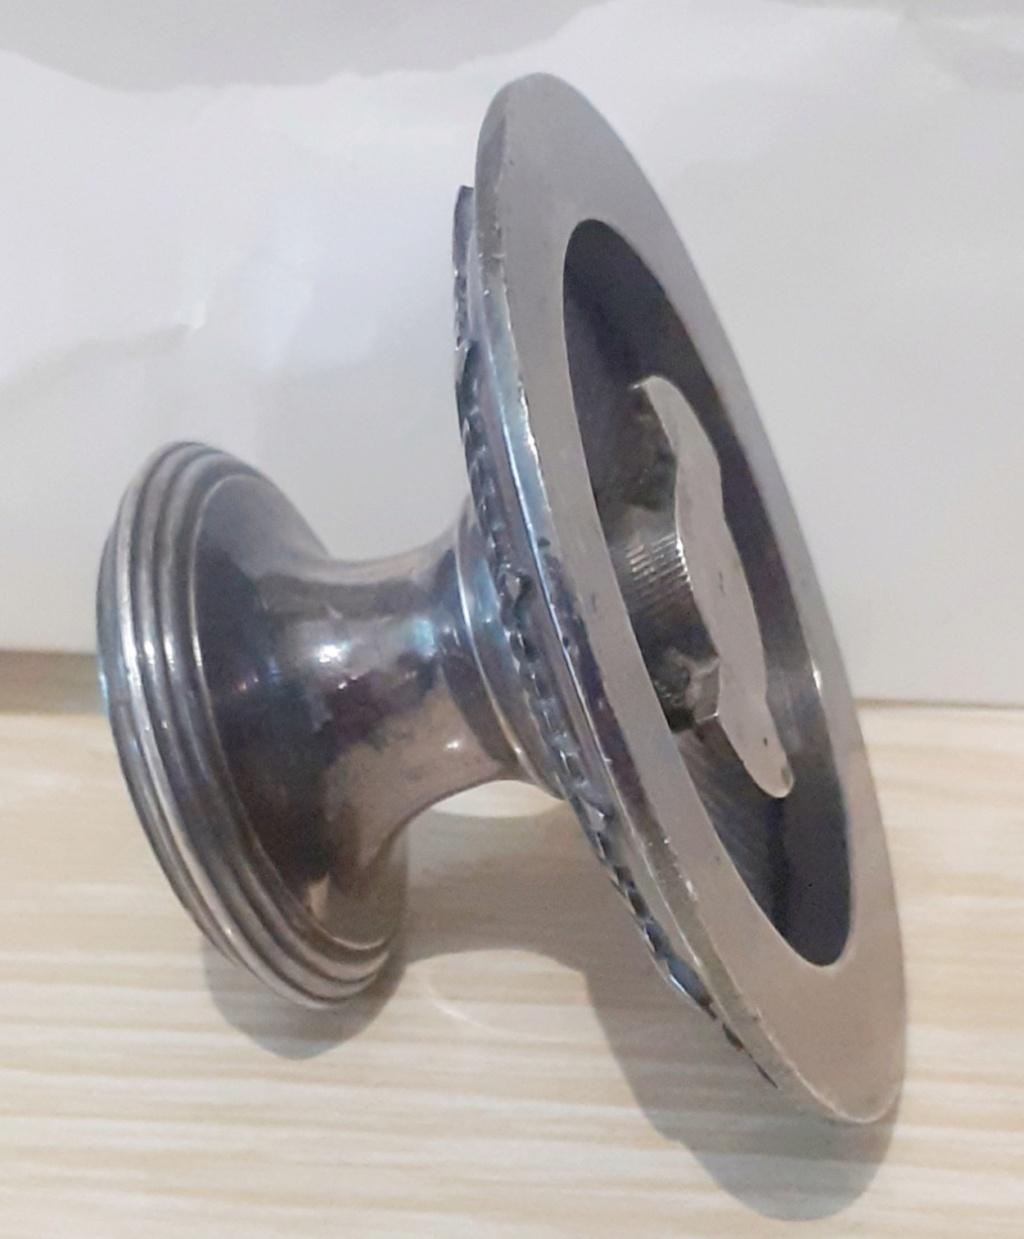 Une poignée amovible du couvercle d'un plat de service en métal argenté 20210810